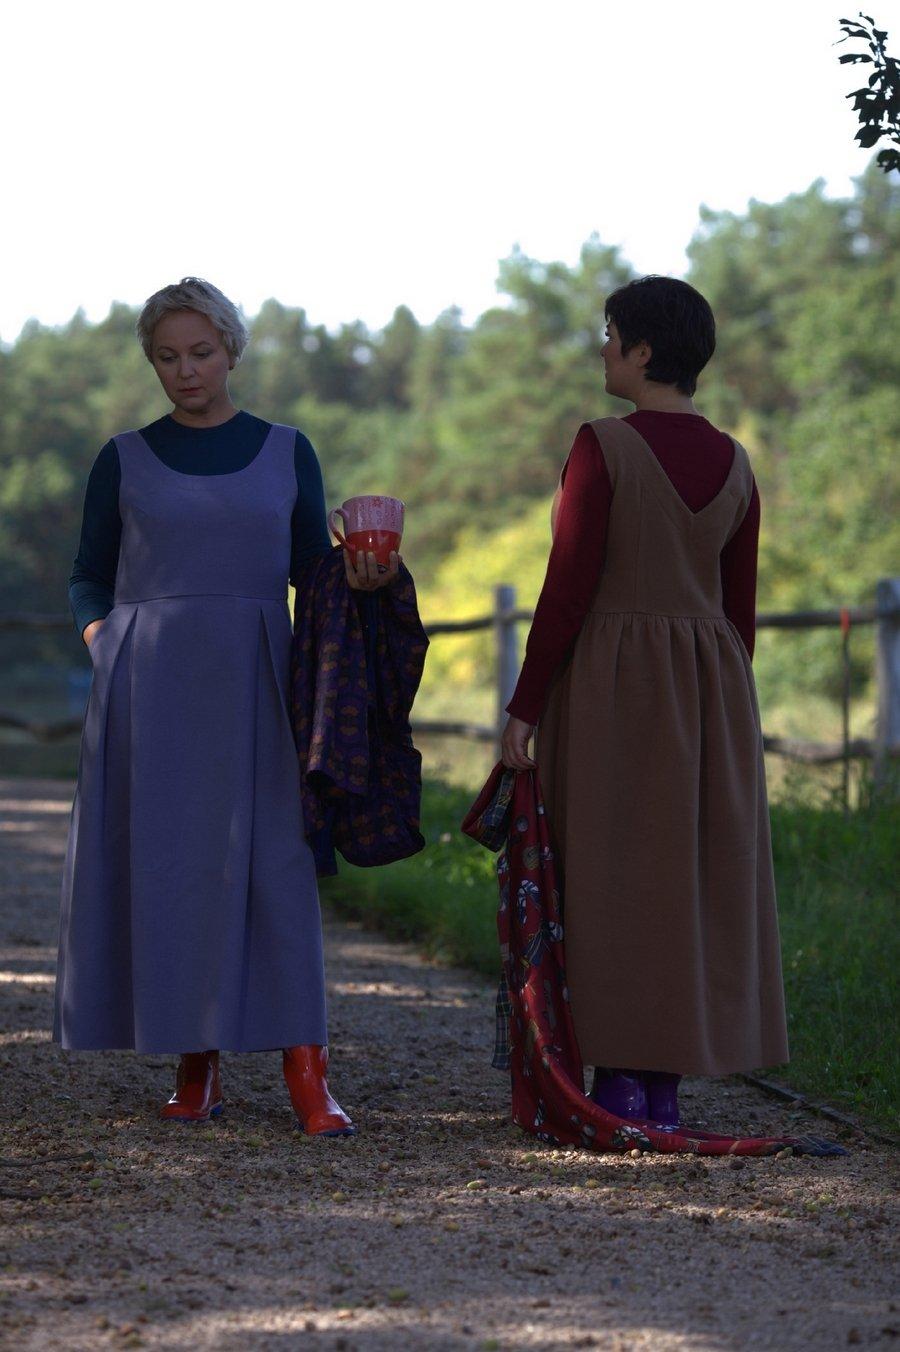 Днепрянка Полина Осокина создала необычную коллекцию платьев1